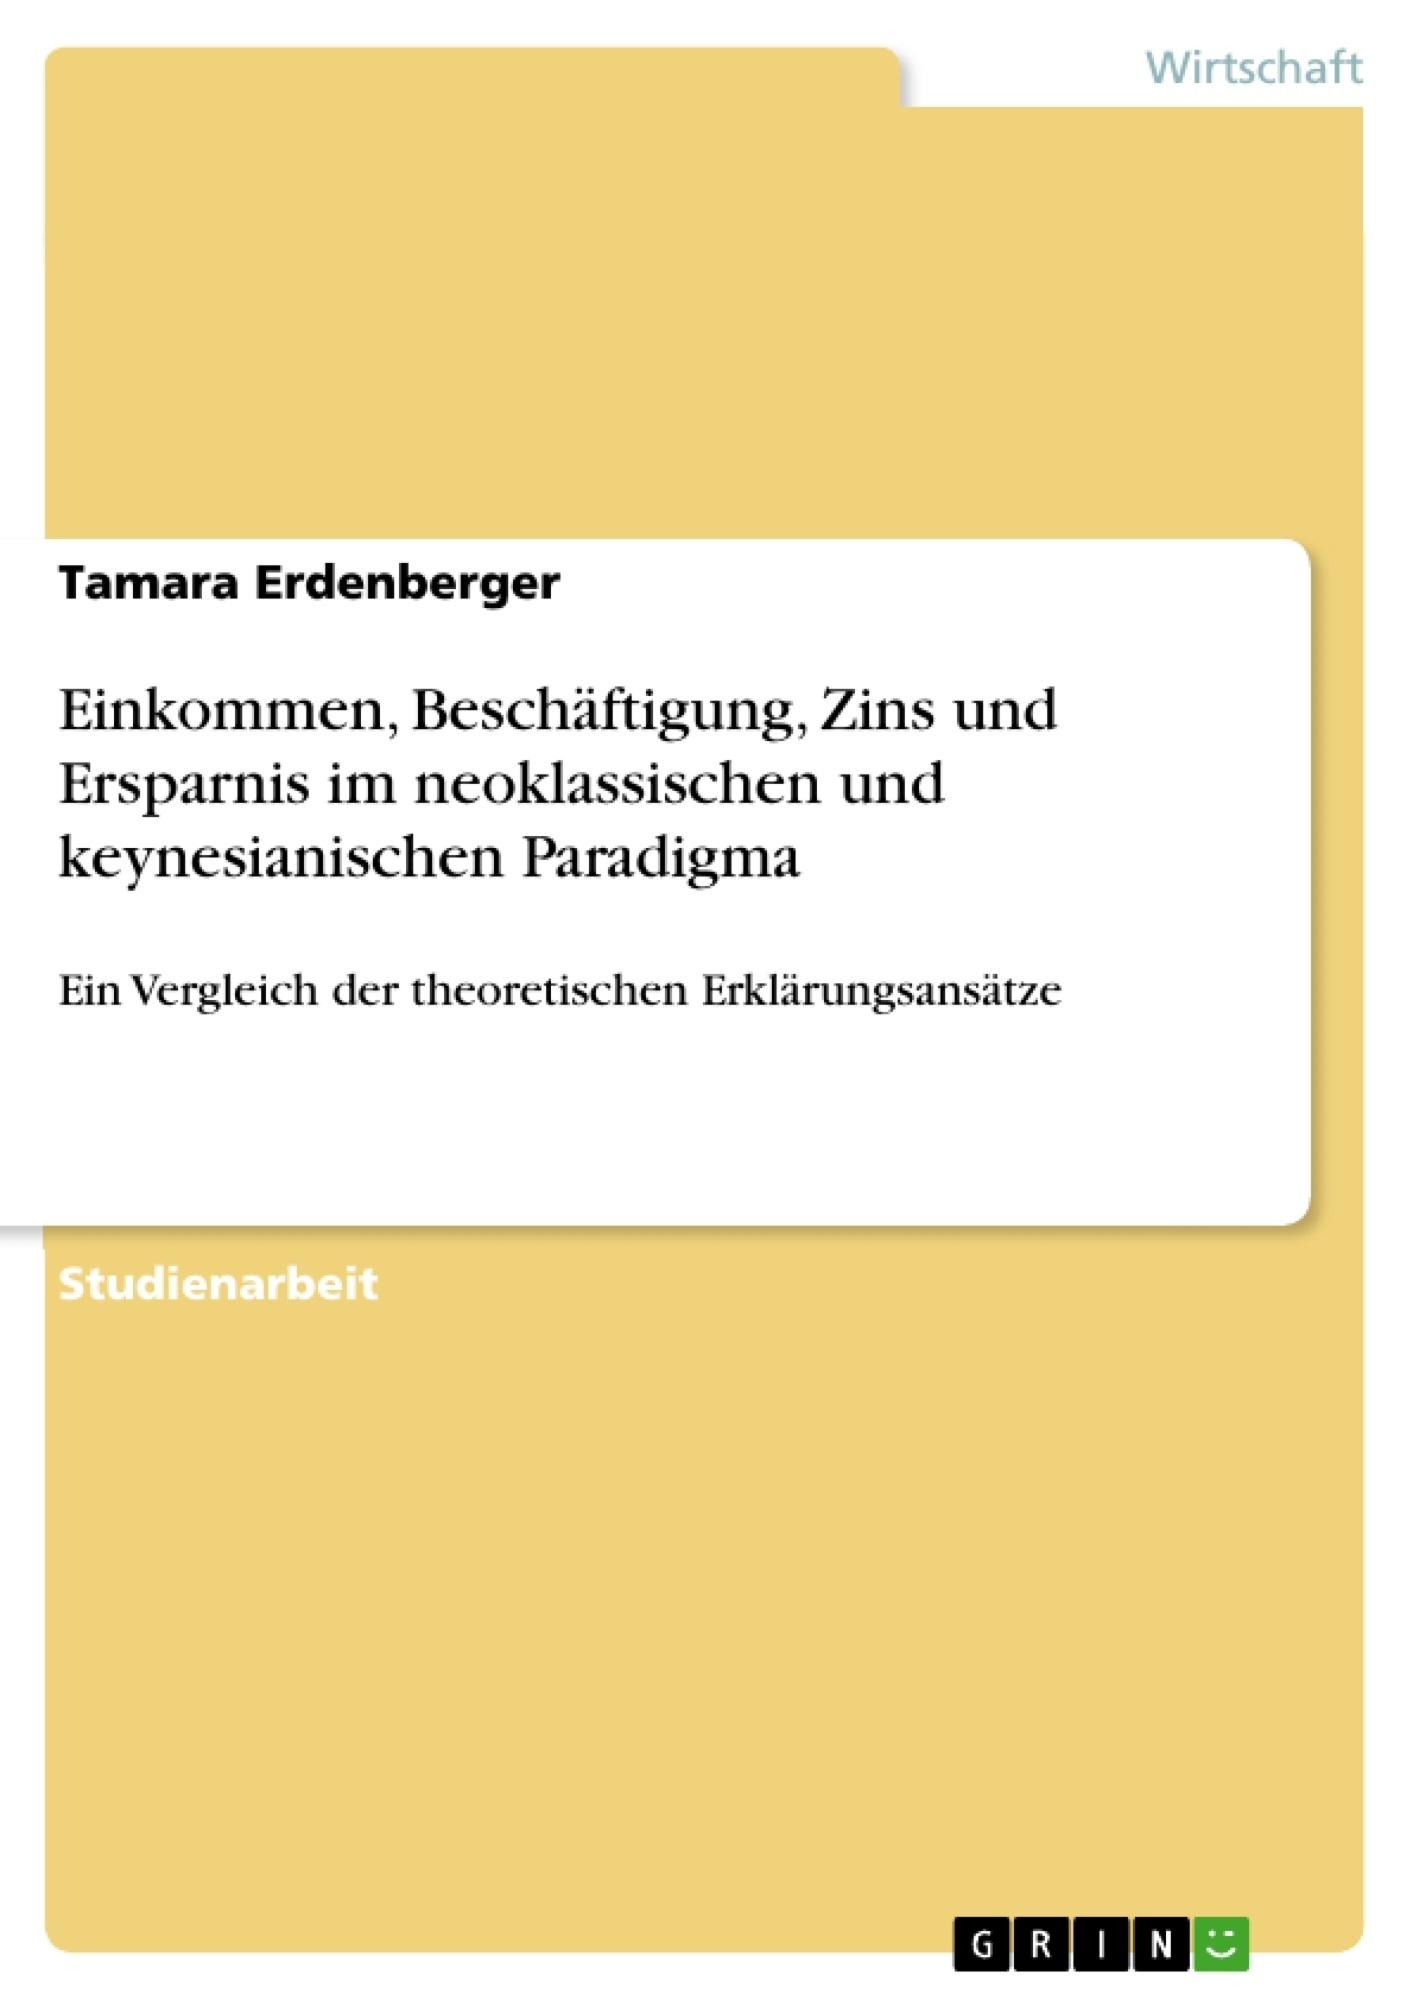 Titel: Einkommen, Beschäftigung, Zins und Ersparnis im neoklassischen und keynesianischen Paradigma